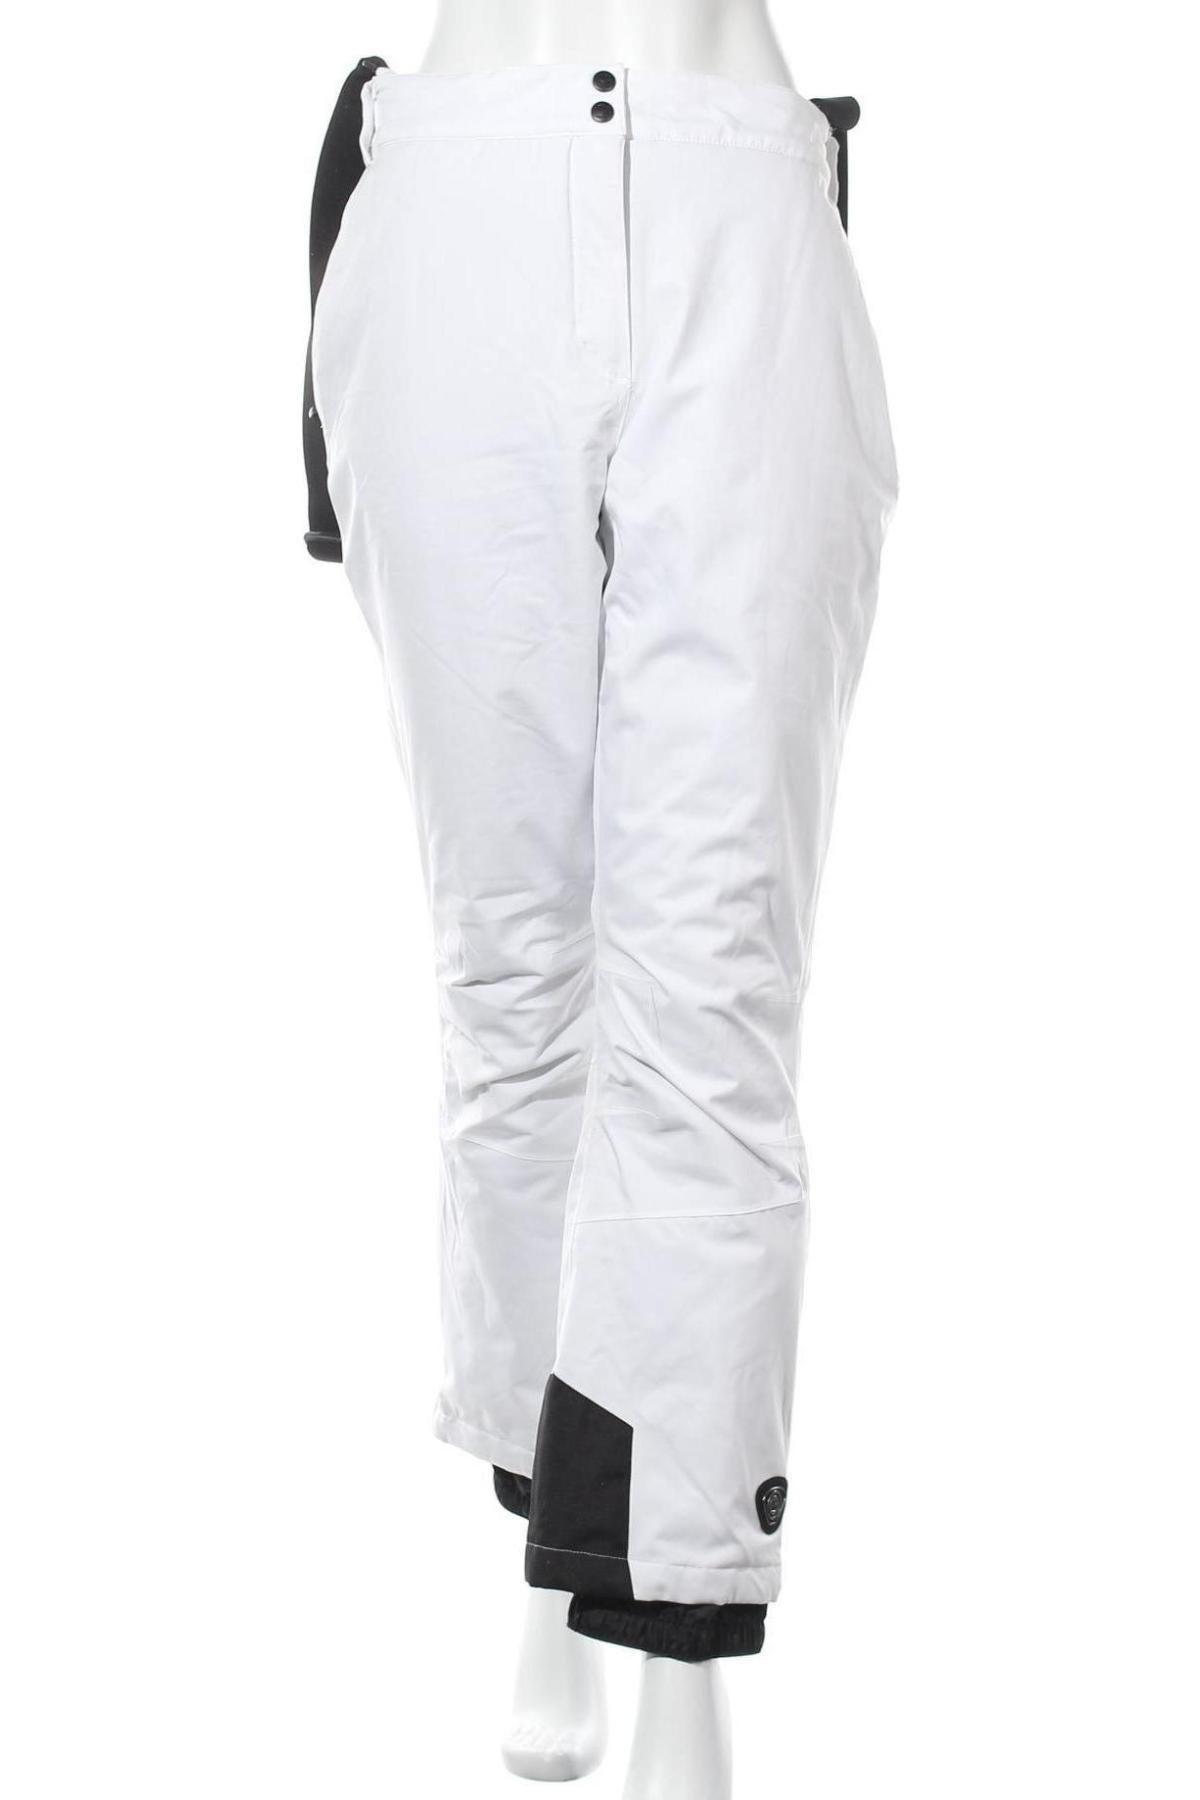 Дамски панталон за зимни спортове Killtec, Размер XL, Цвят Бял, Полиестер, Цена 42,64лв.